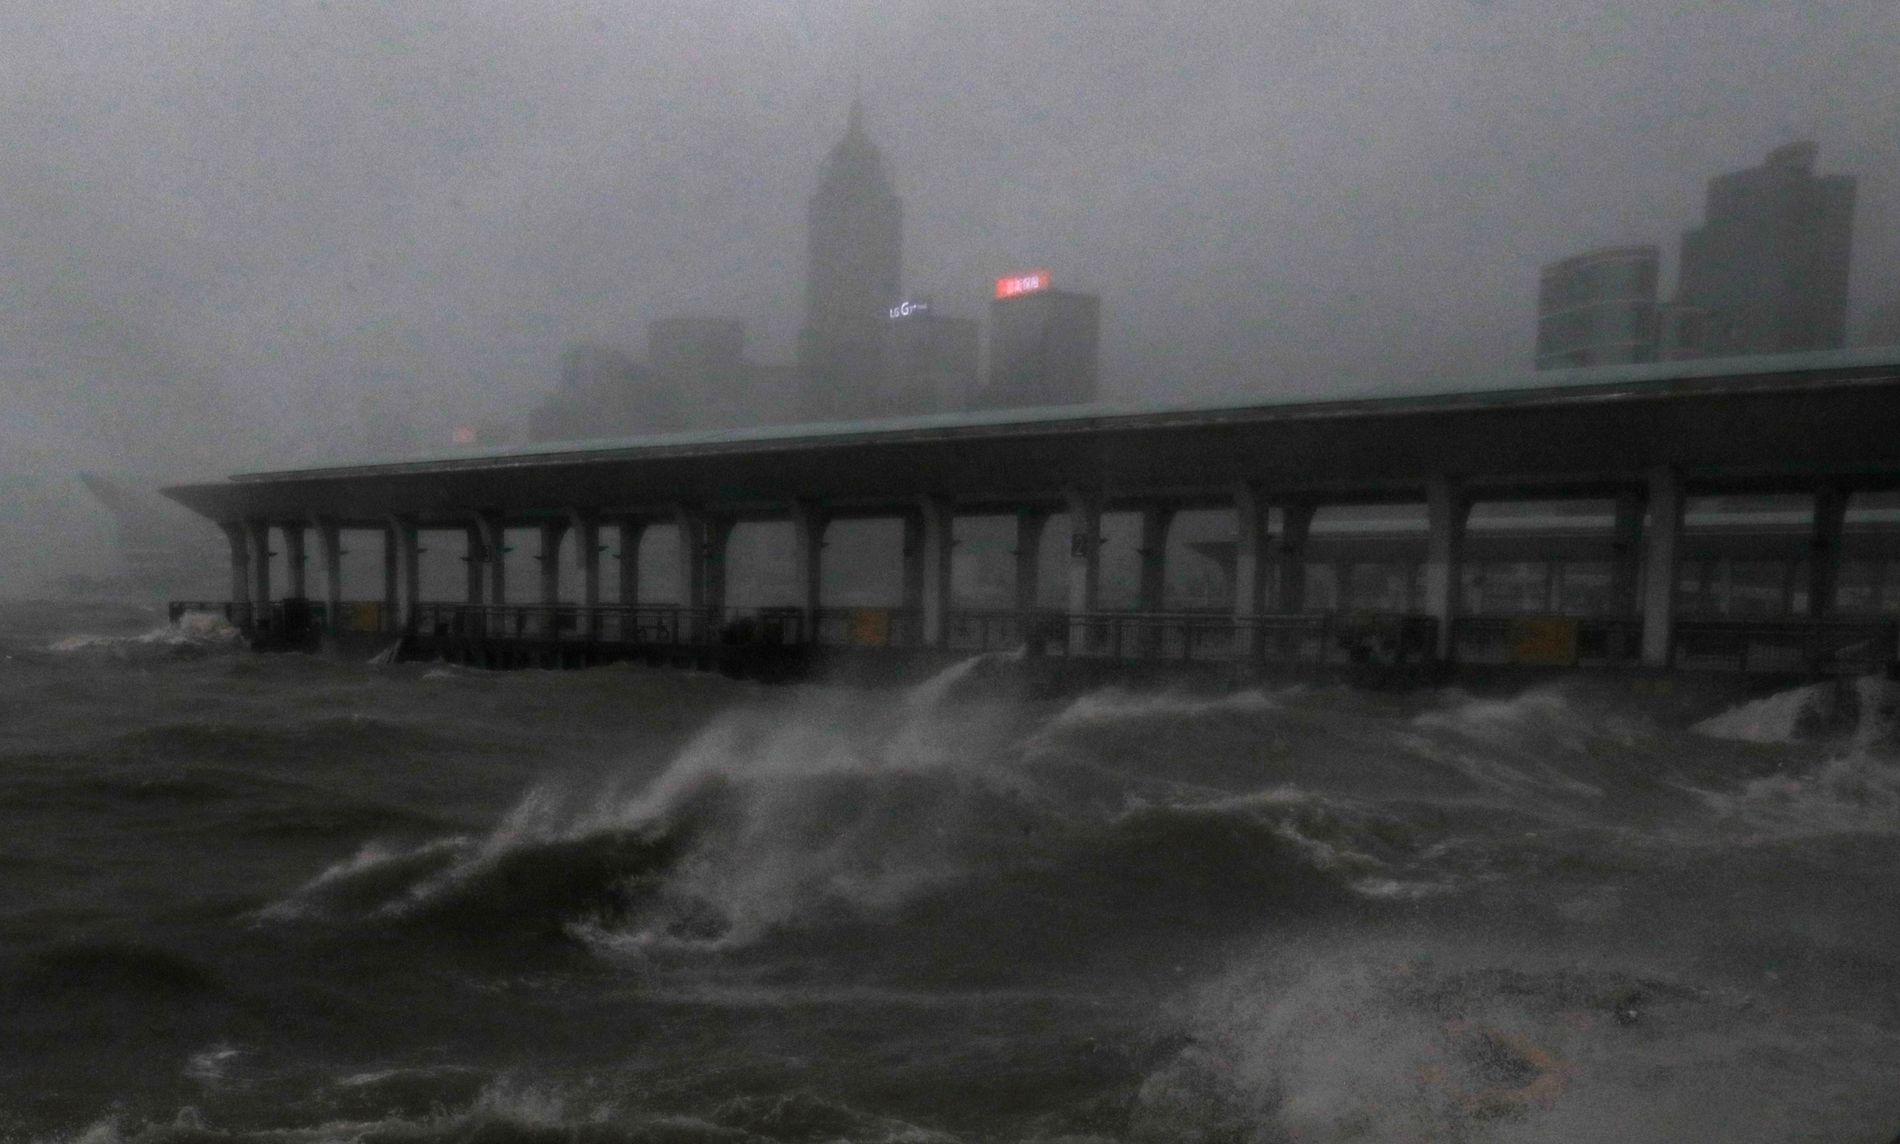 NÅDDE KINA: Store bølger i Victoria Harbour i Hongkong da tyfonen Mangkhut nådde Kinas sørkyst.